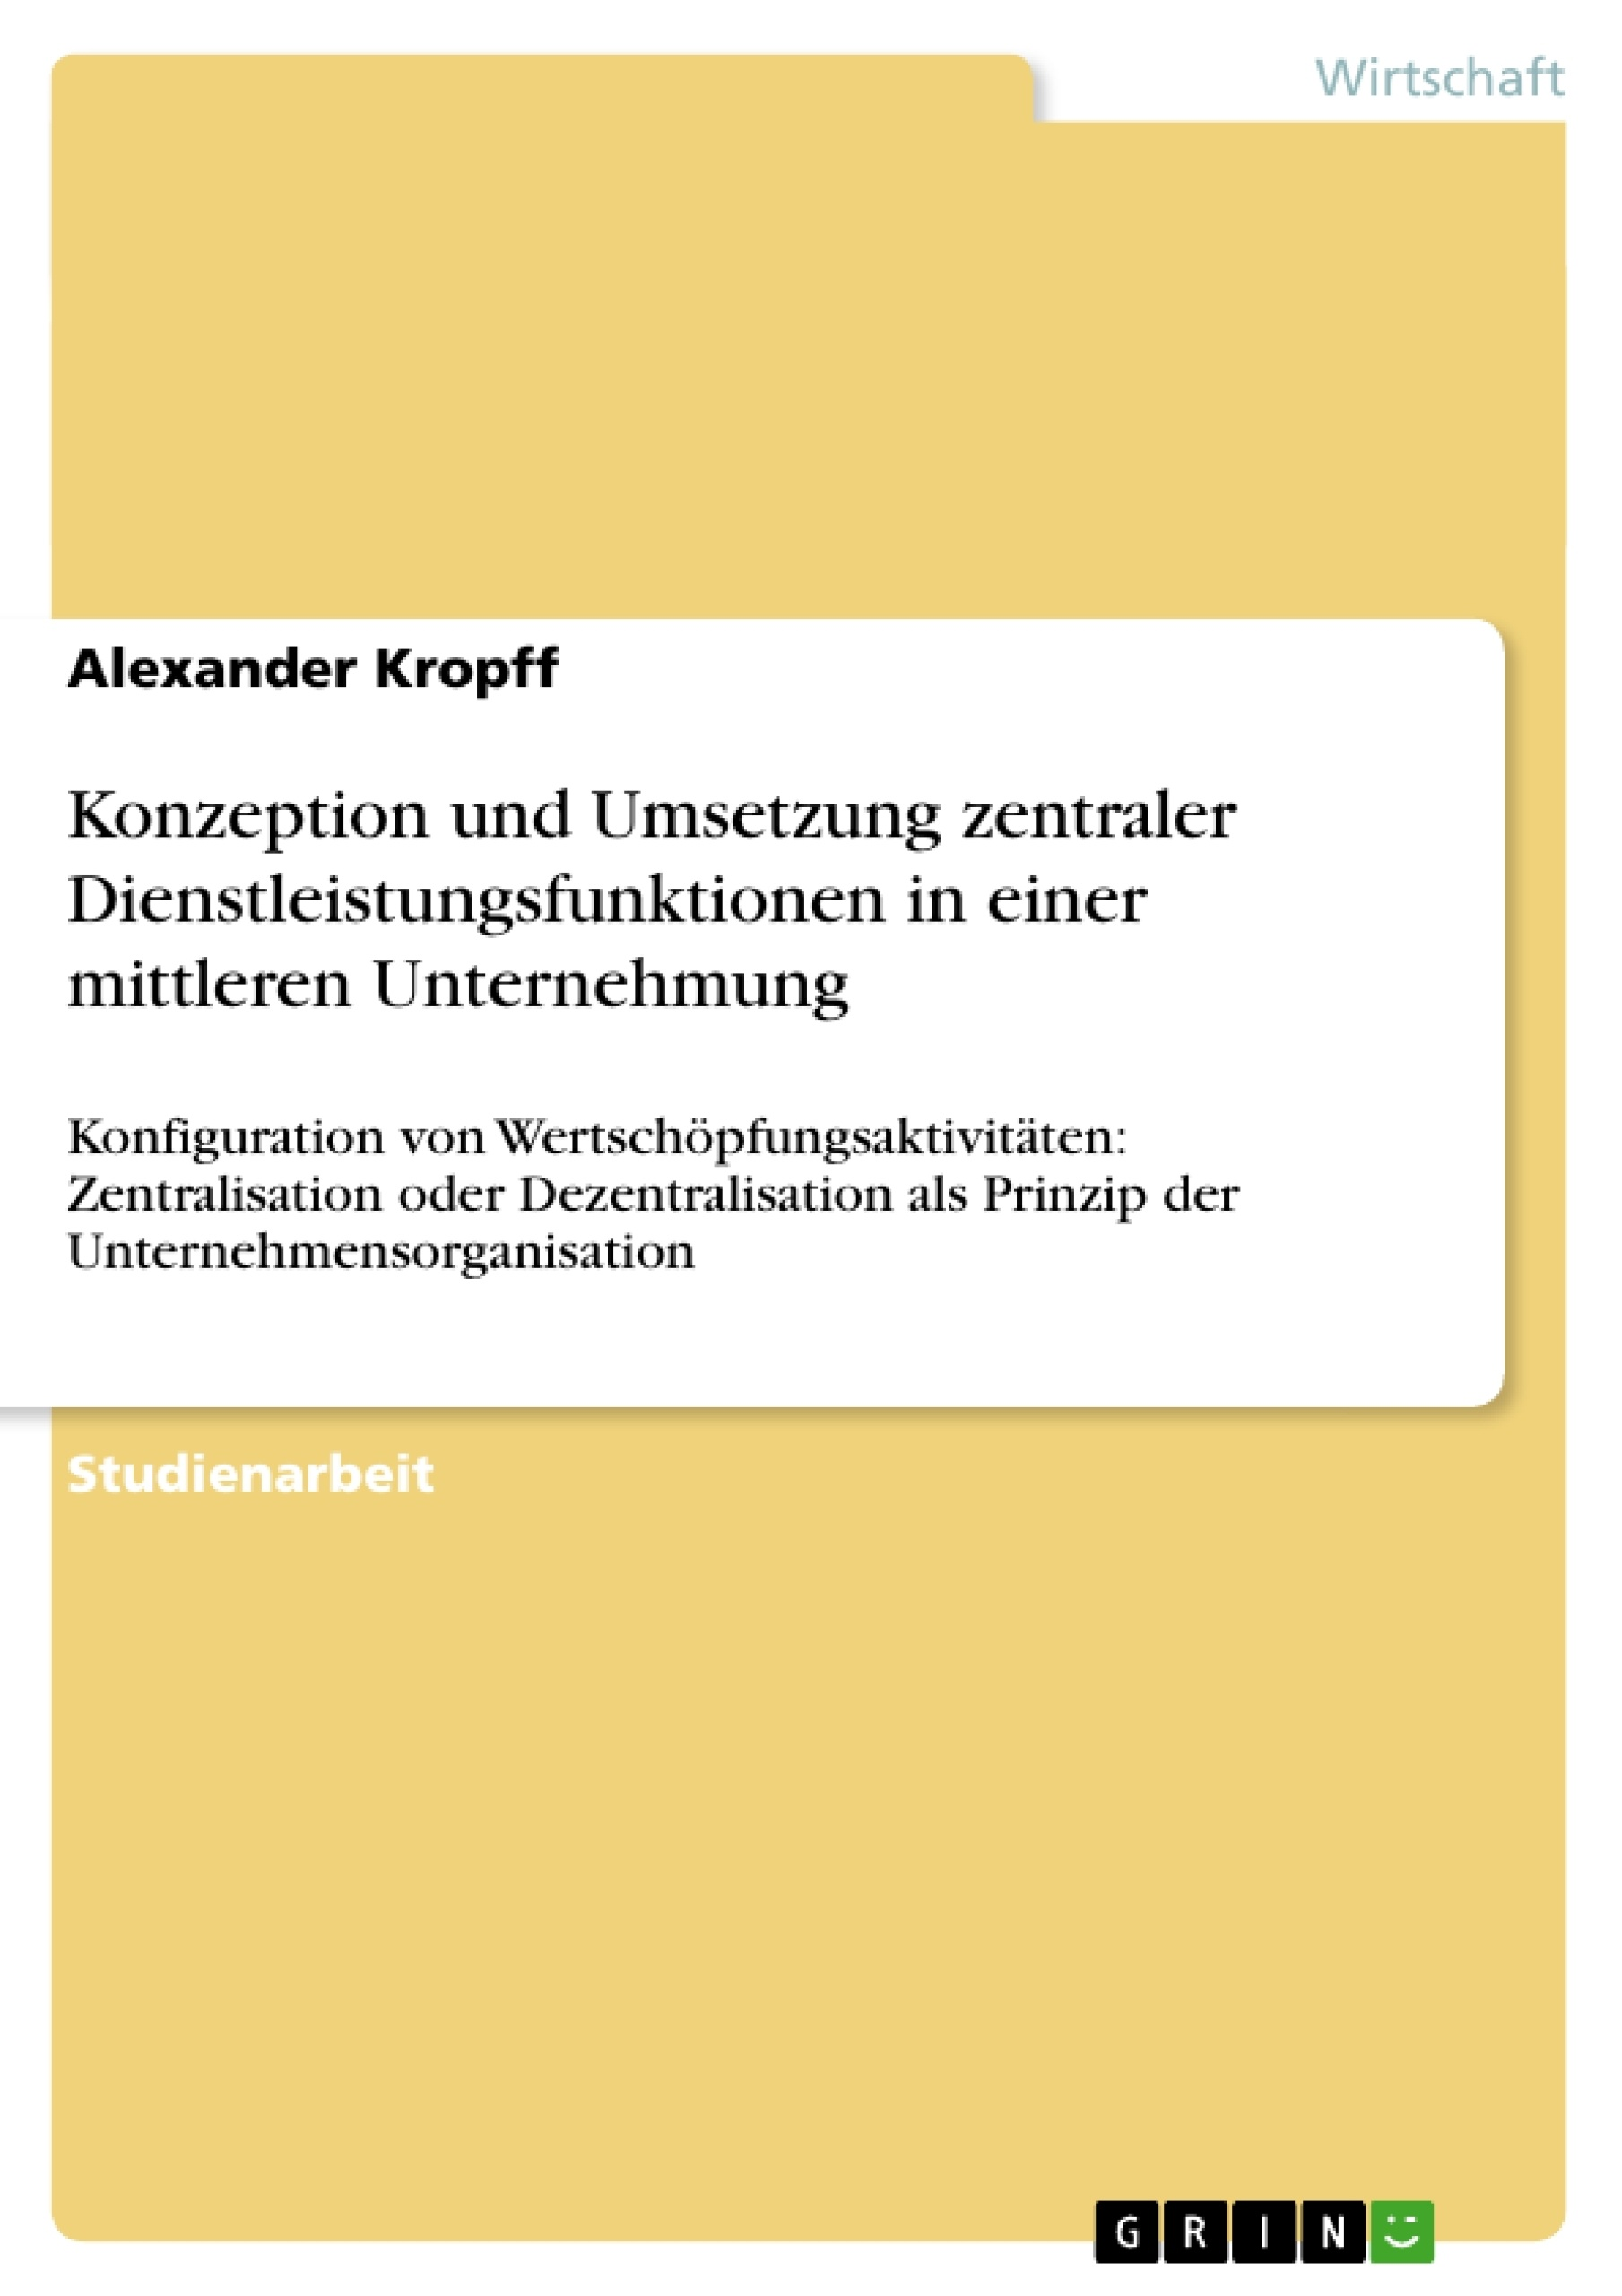 Titel: Konzeption und Umsetzung zentraler Dienstleistungsfunktionen in einer mittleren Unternehmung